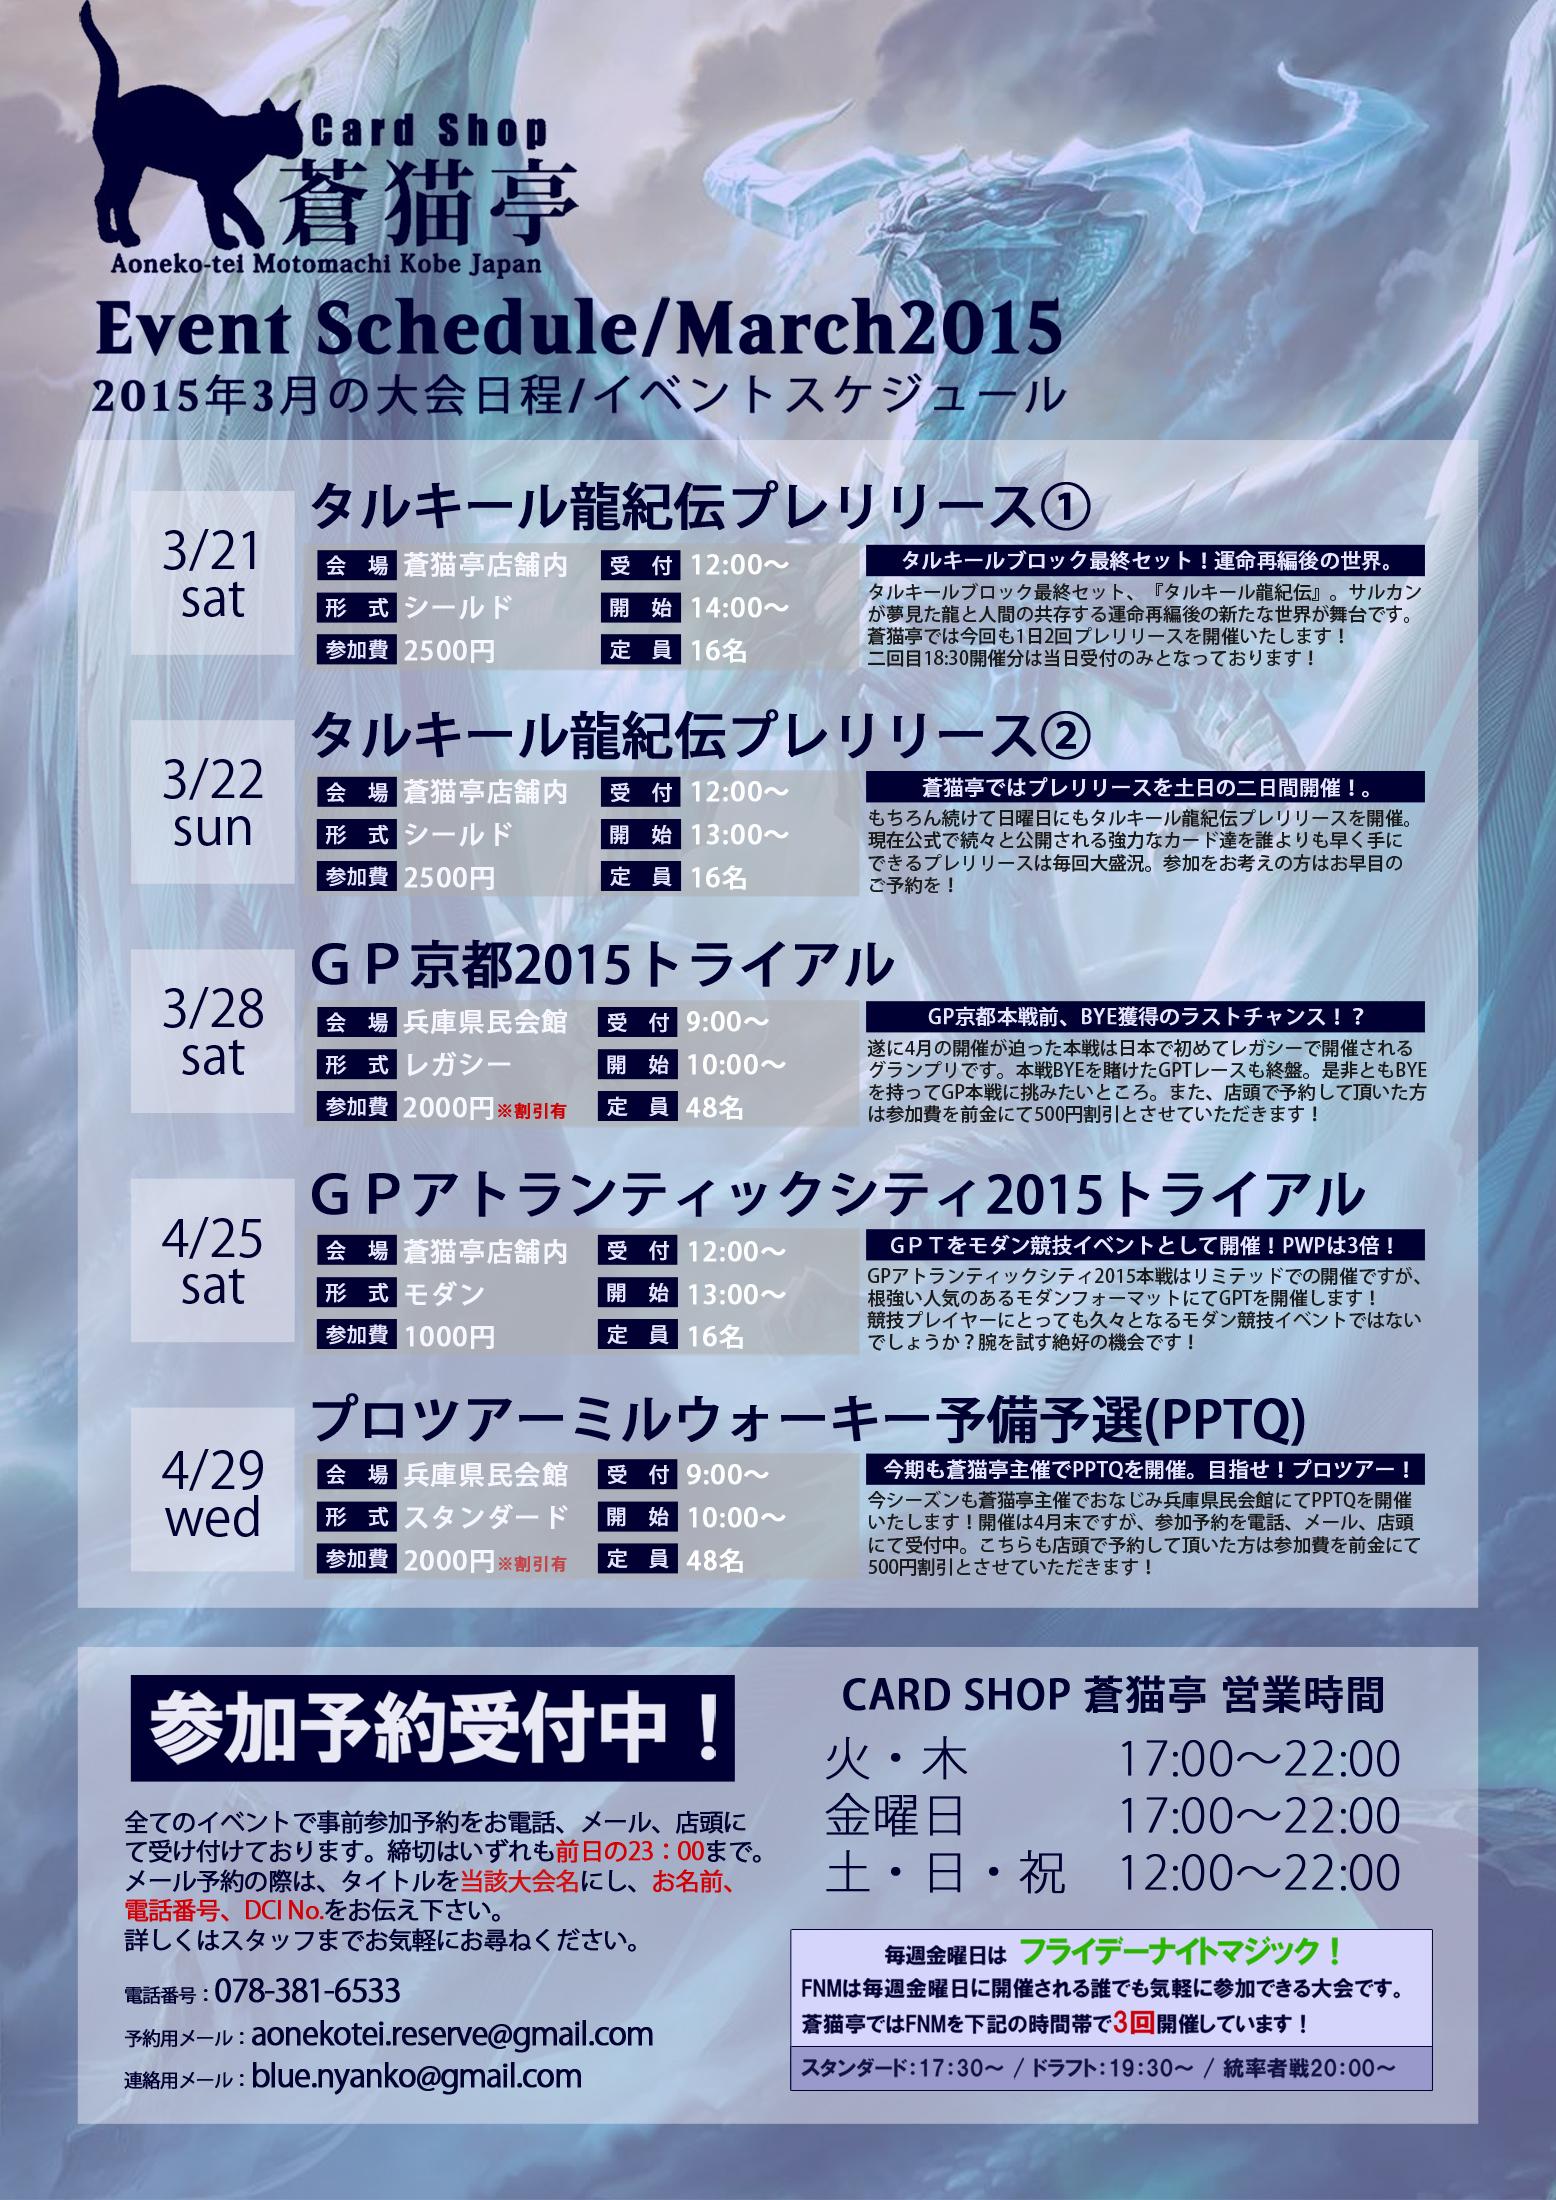 Event-Schedule-March2015.jpg